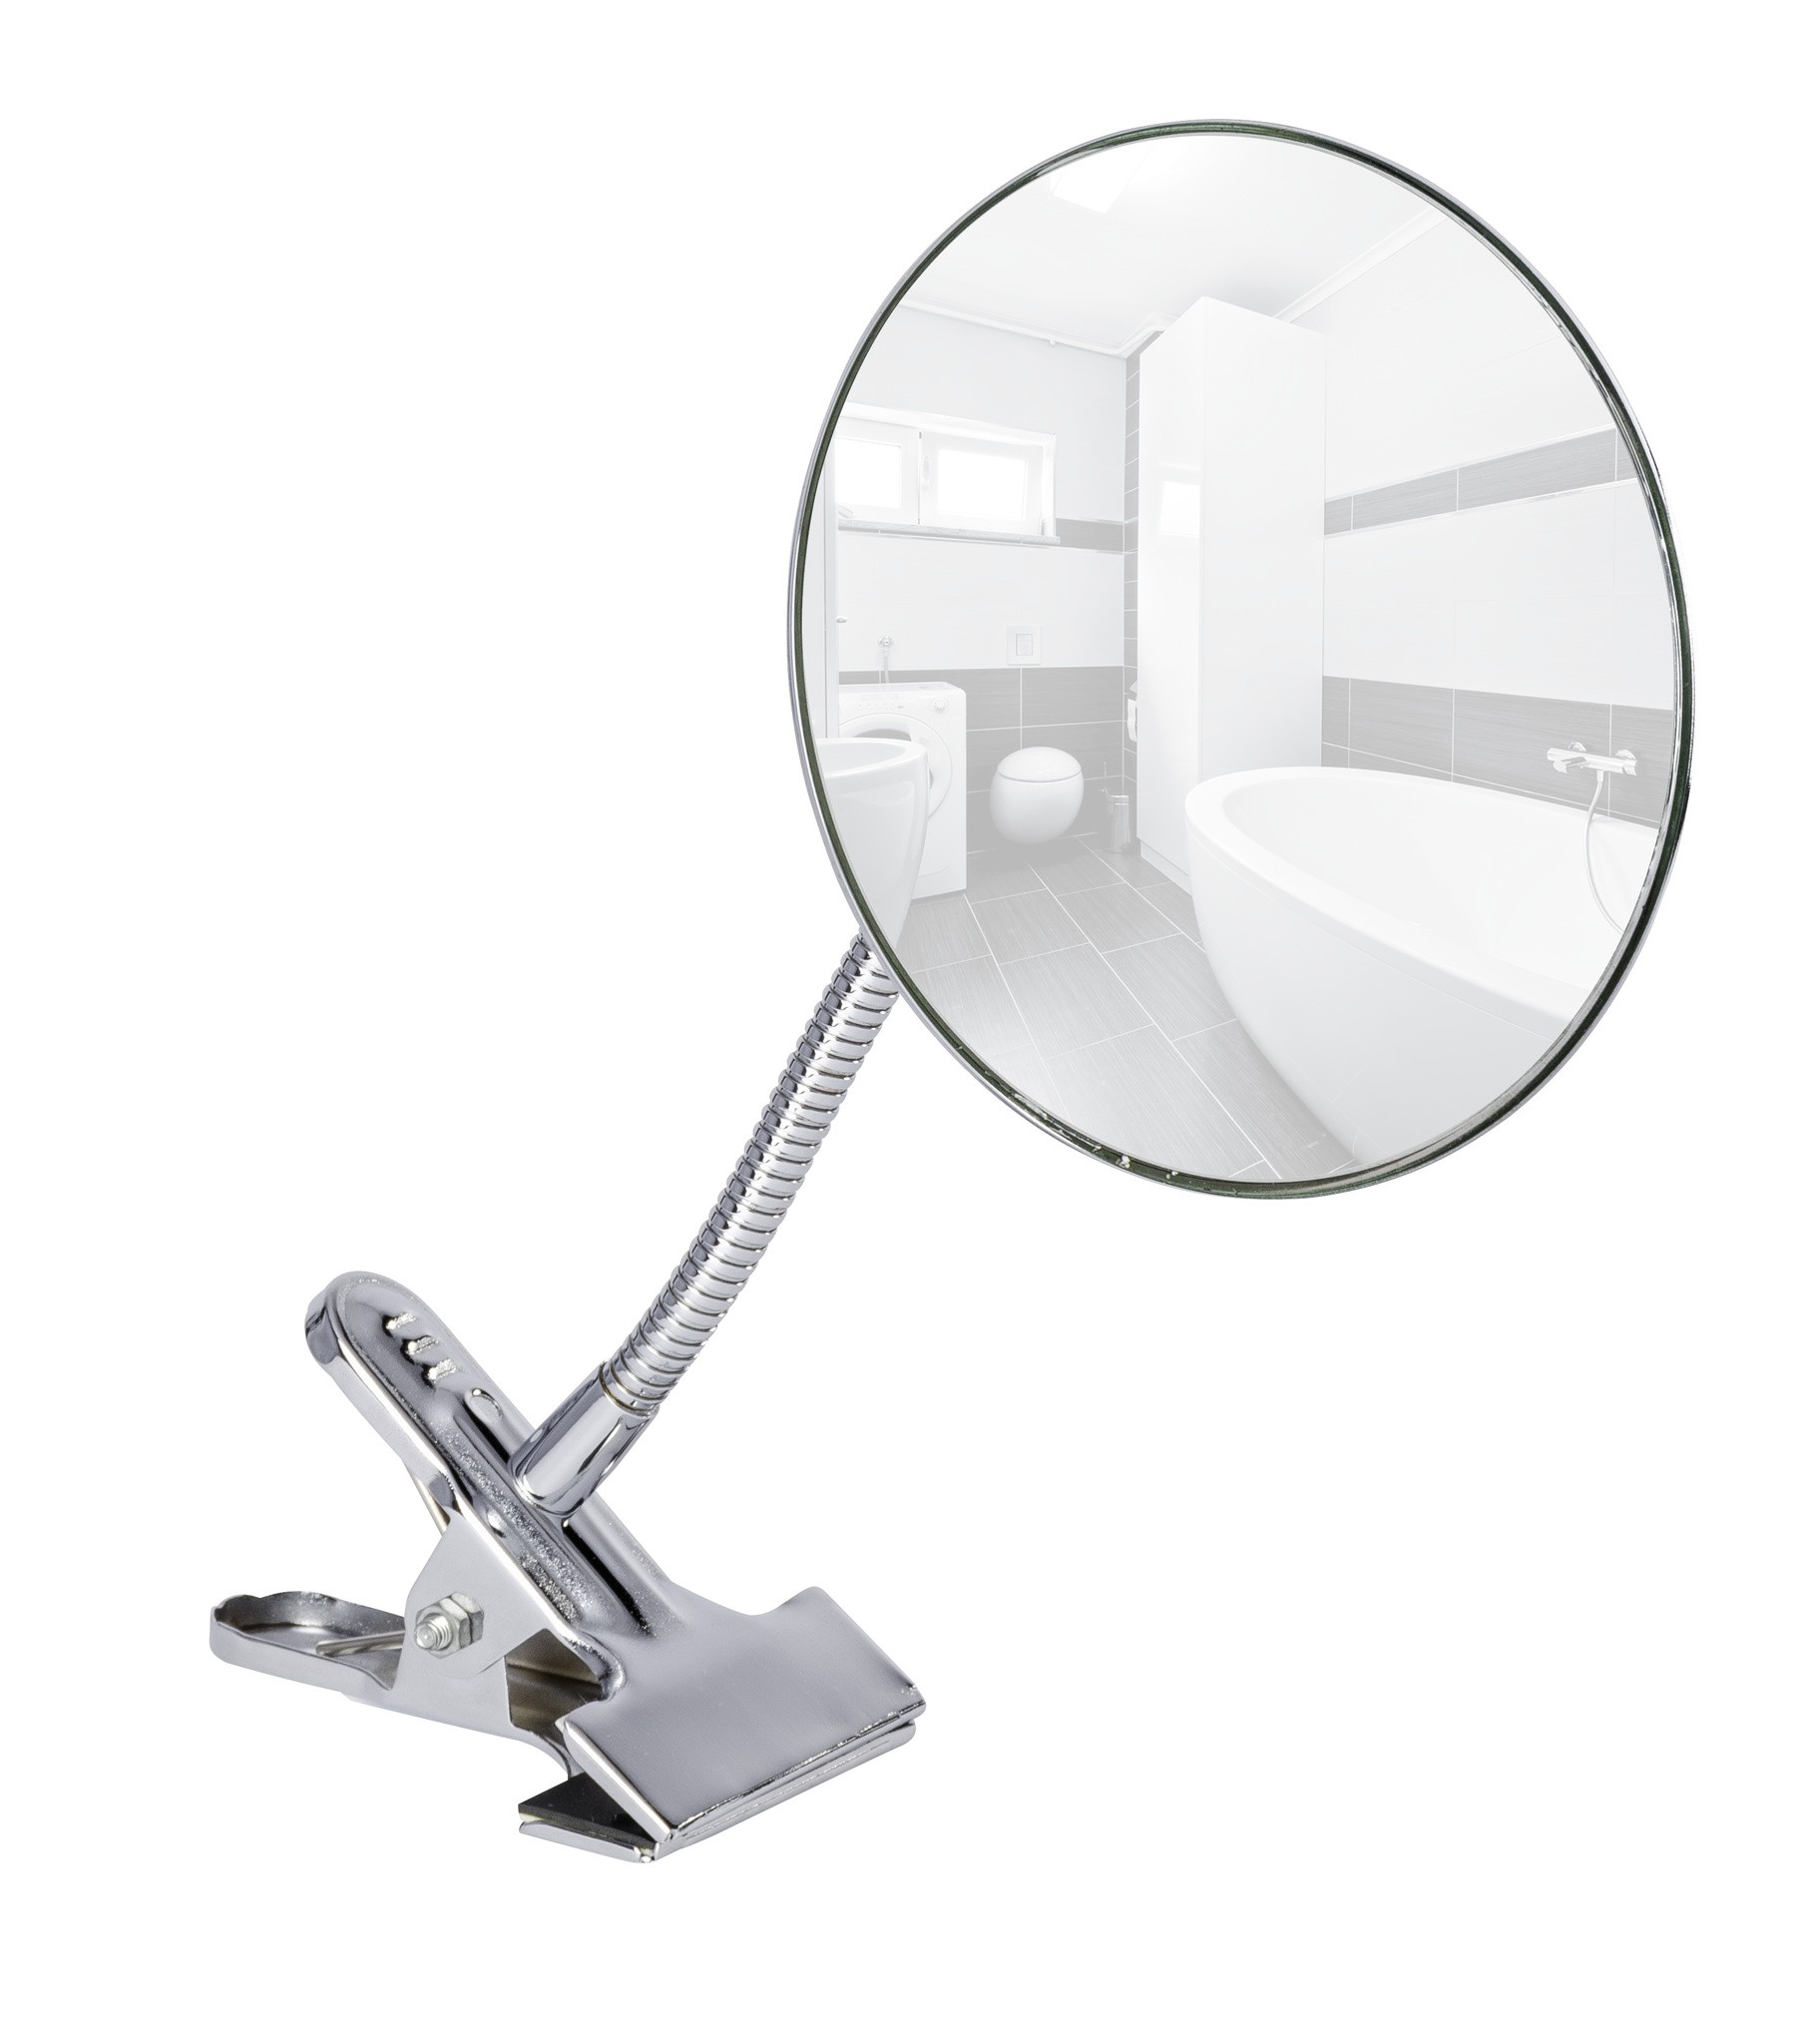 Kosmetikspiegel Clip, 5-fach Vergrößerung